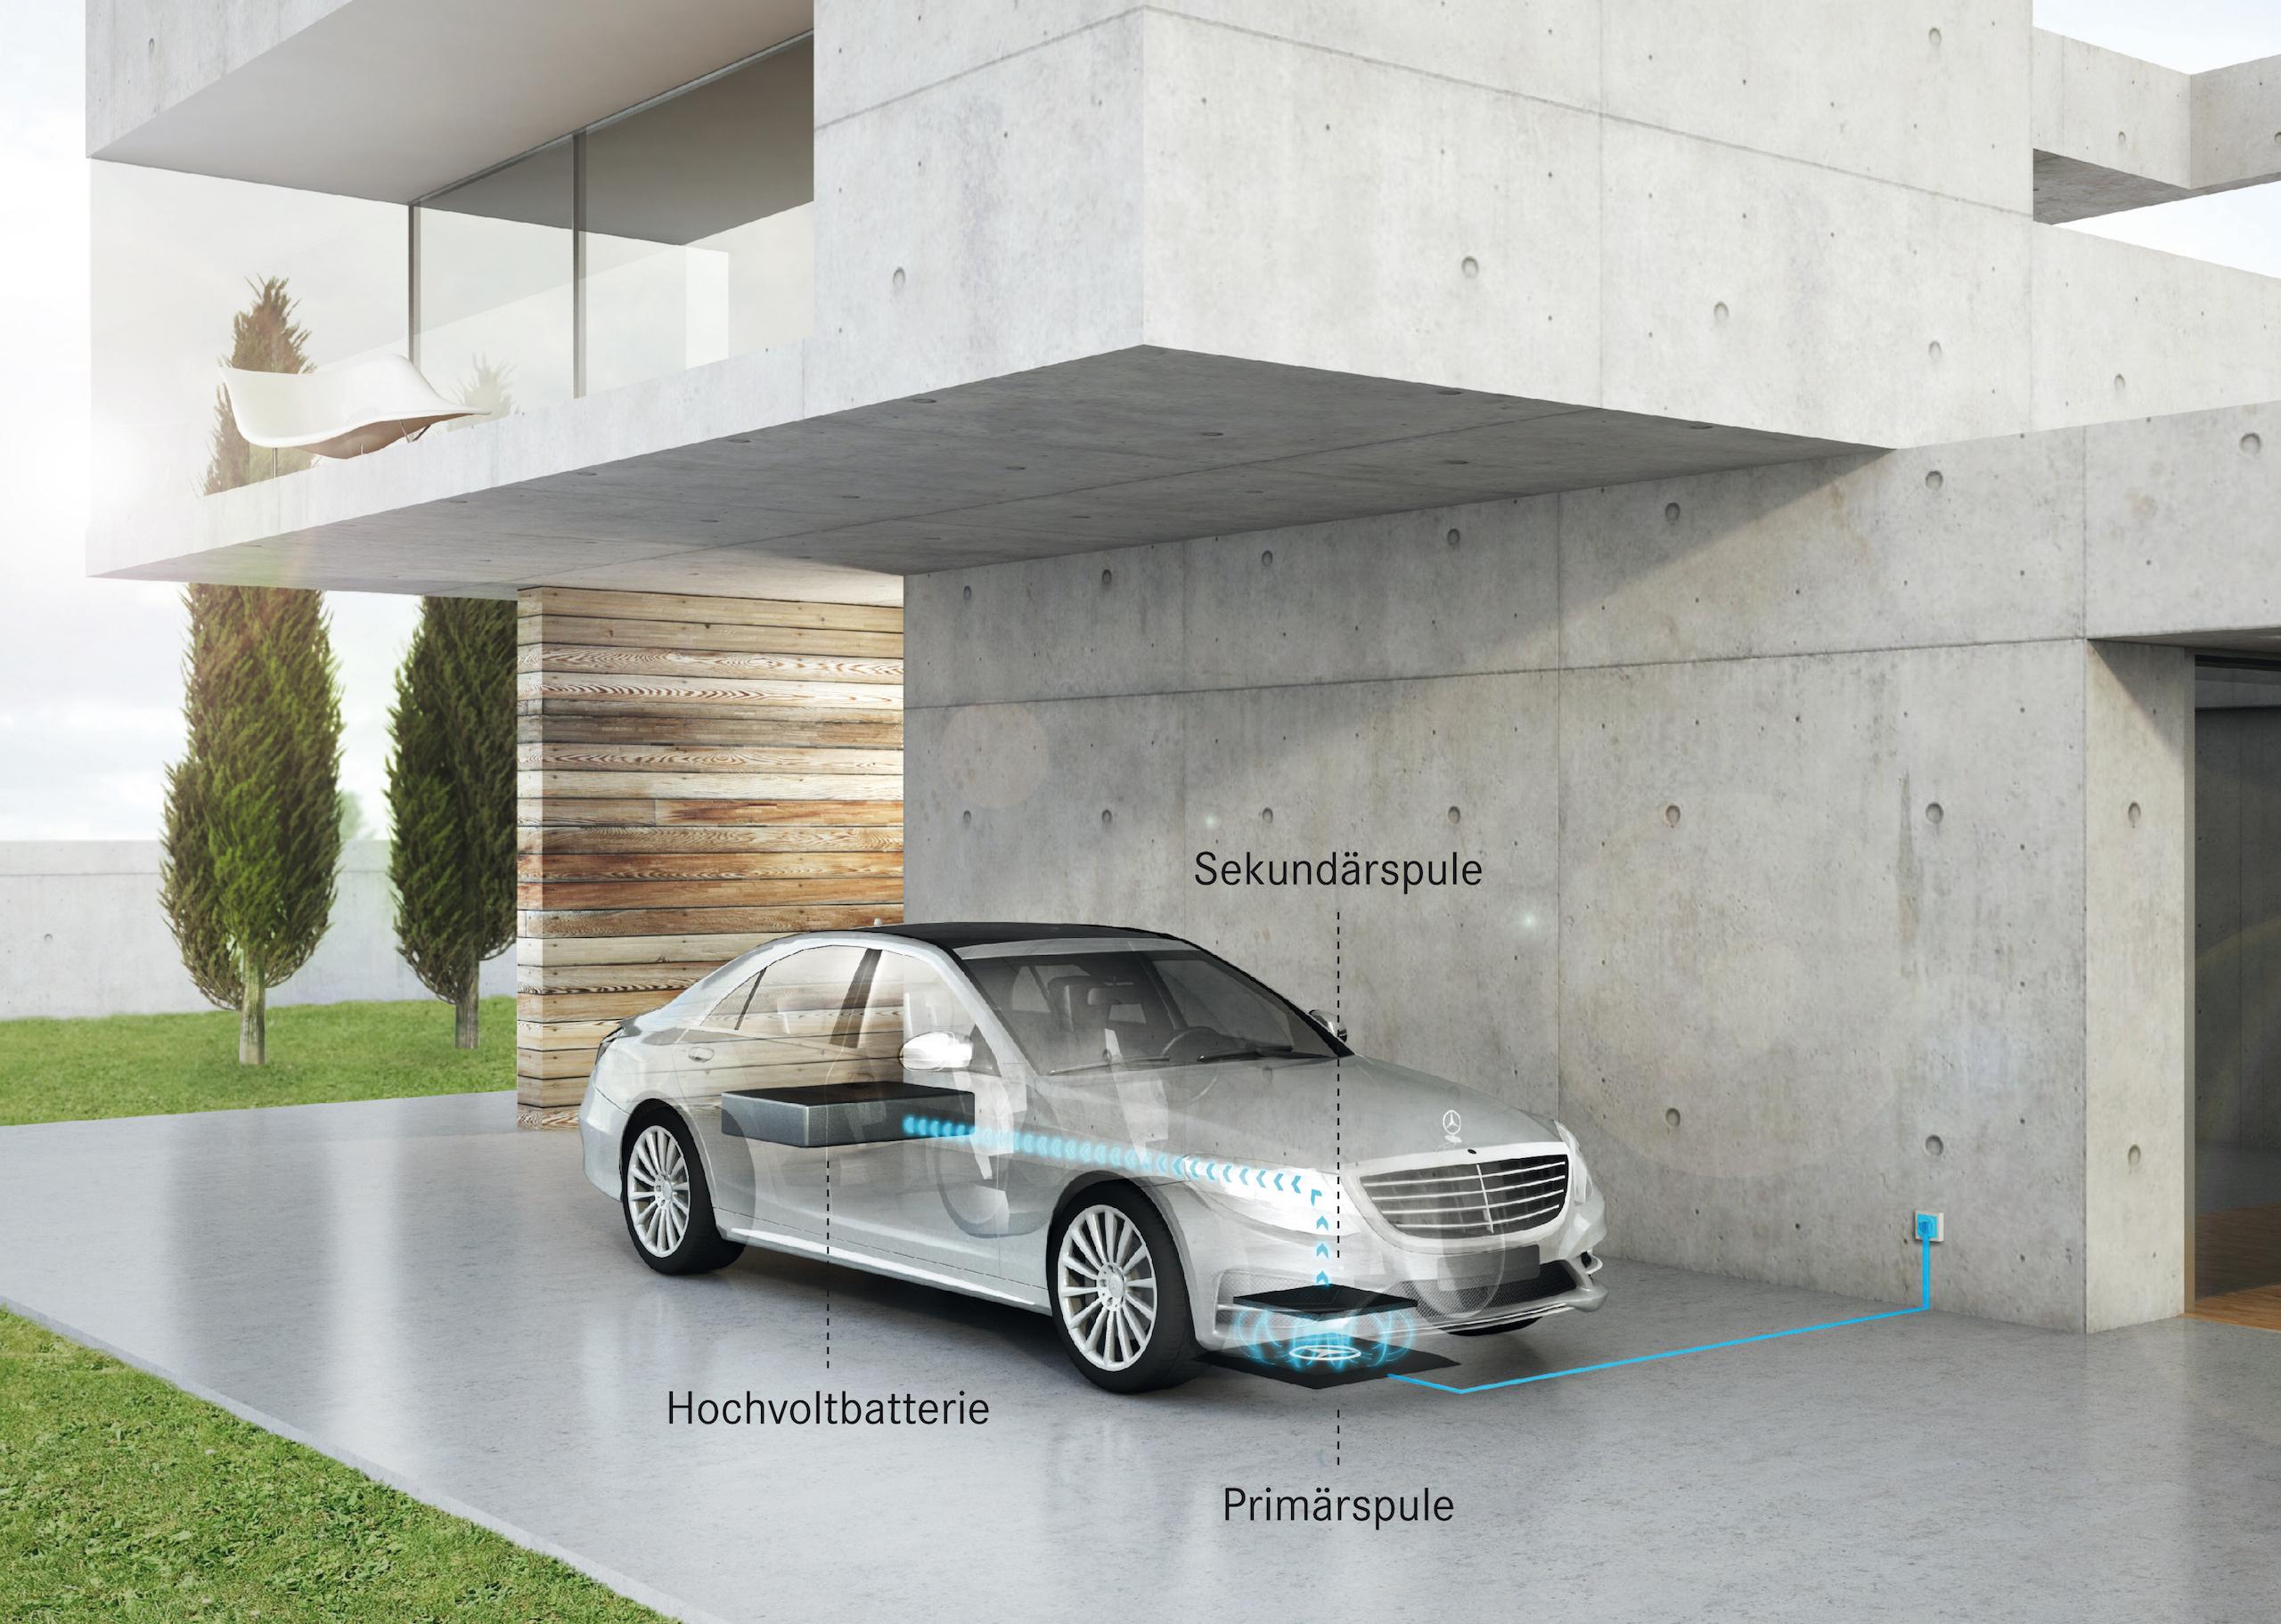 Die facegeliftete S-Klasse als Plug-in-Hybrid wird sich 2017 induktiv laden lassen wie ein Smartphone oder die elektrische Zahnbürste